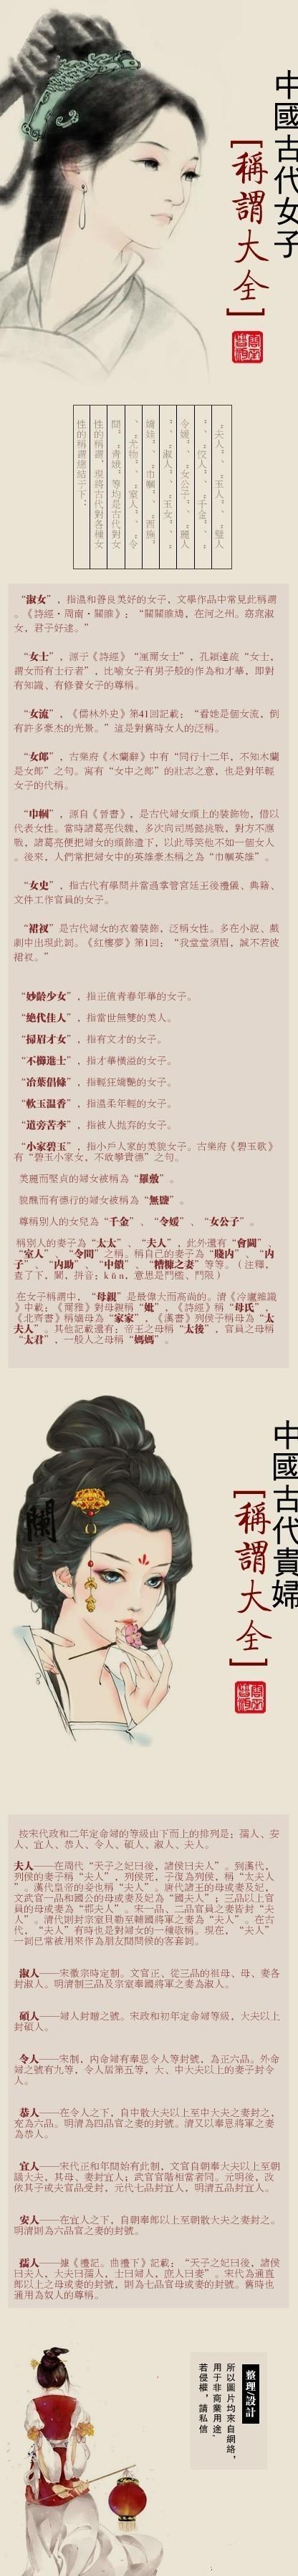 中国古代女子称谓大全!